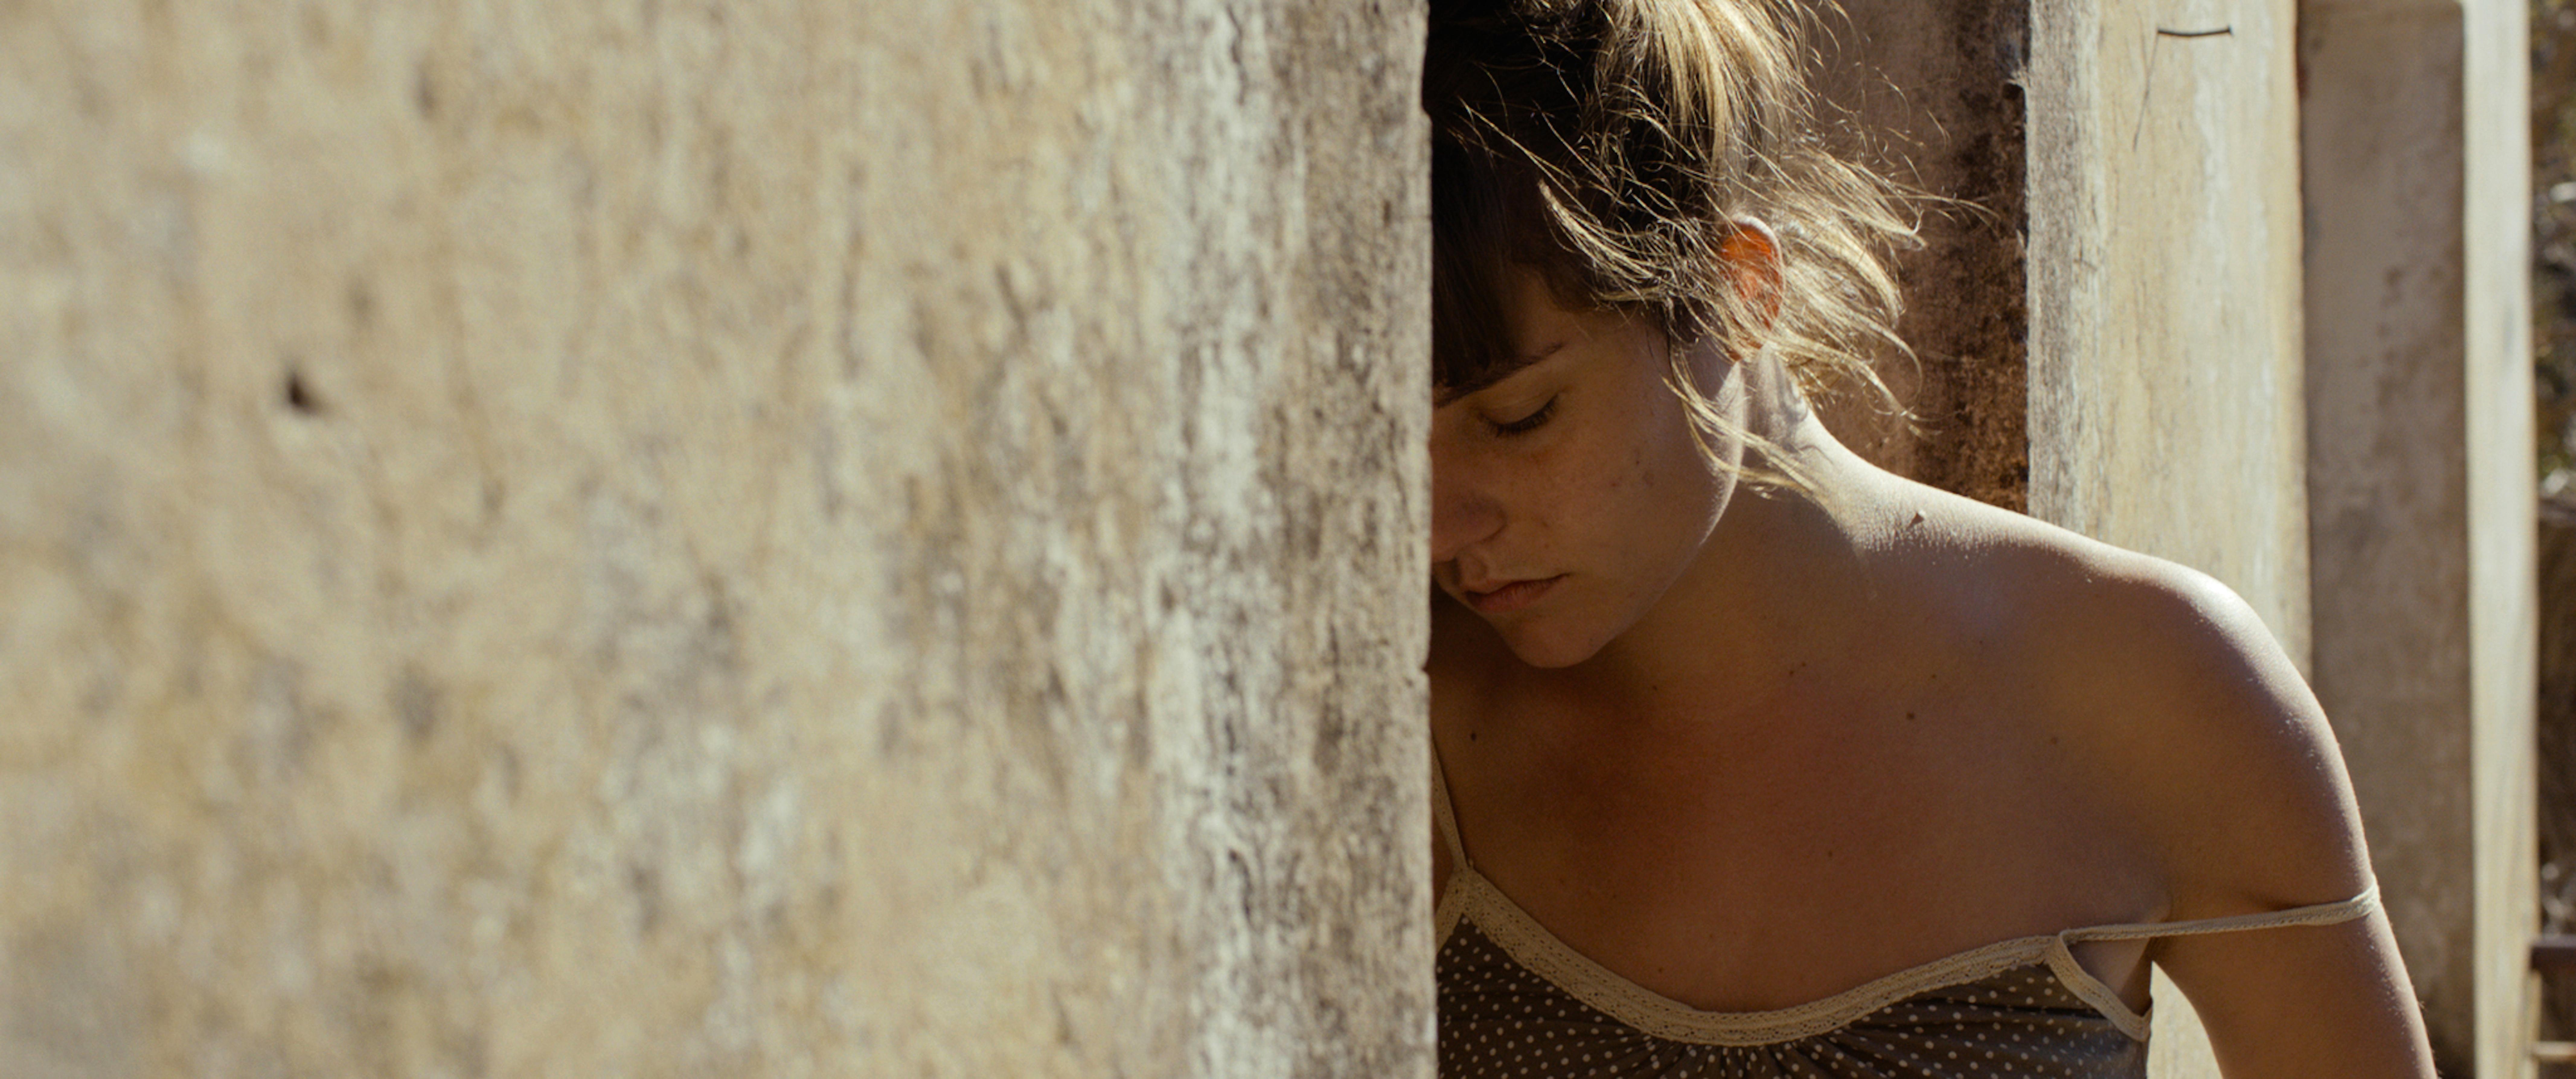 The High Sun: un'immagine tratta dal film di Dalibor Matanic